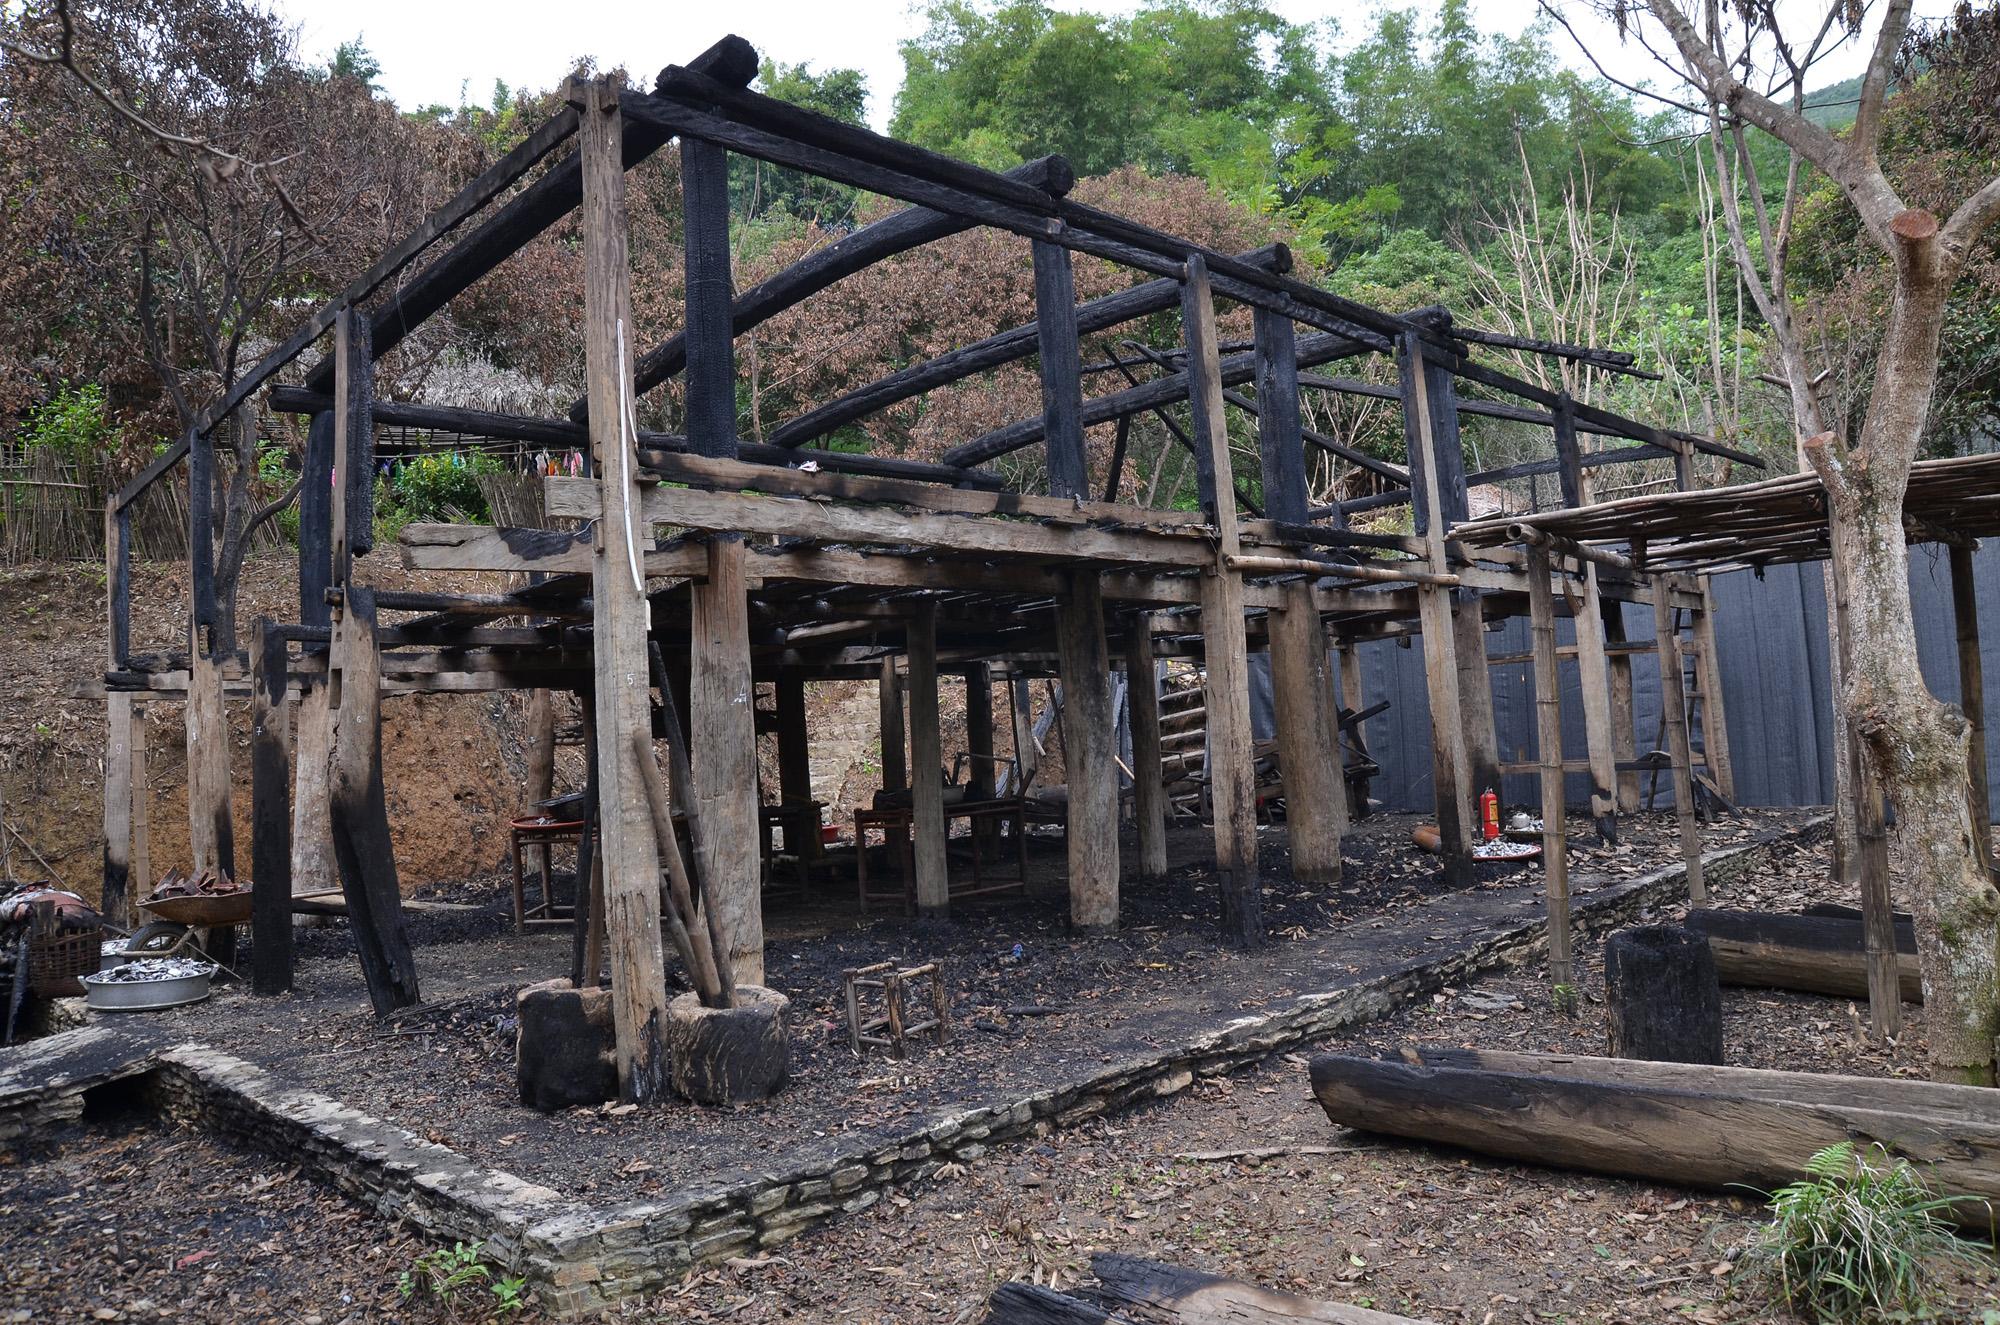 Khổ chủ ngôi  nhà Lang trăm tuổi bị đốt cháy ở Hòa Bình gửi thư kêu cứu 1